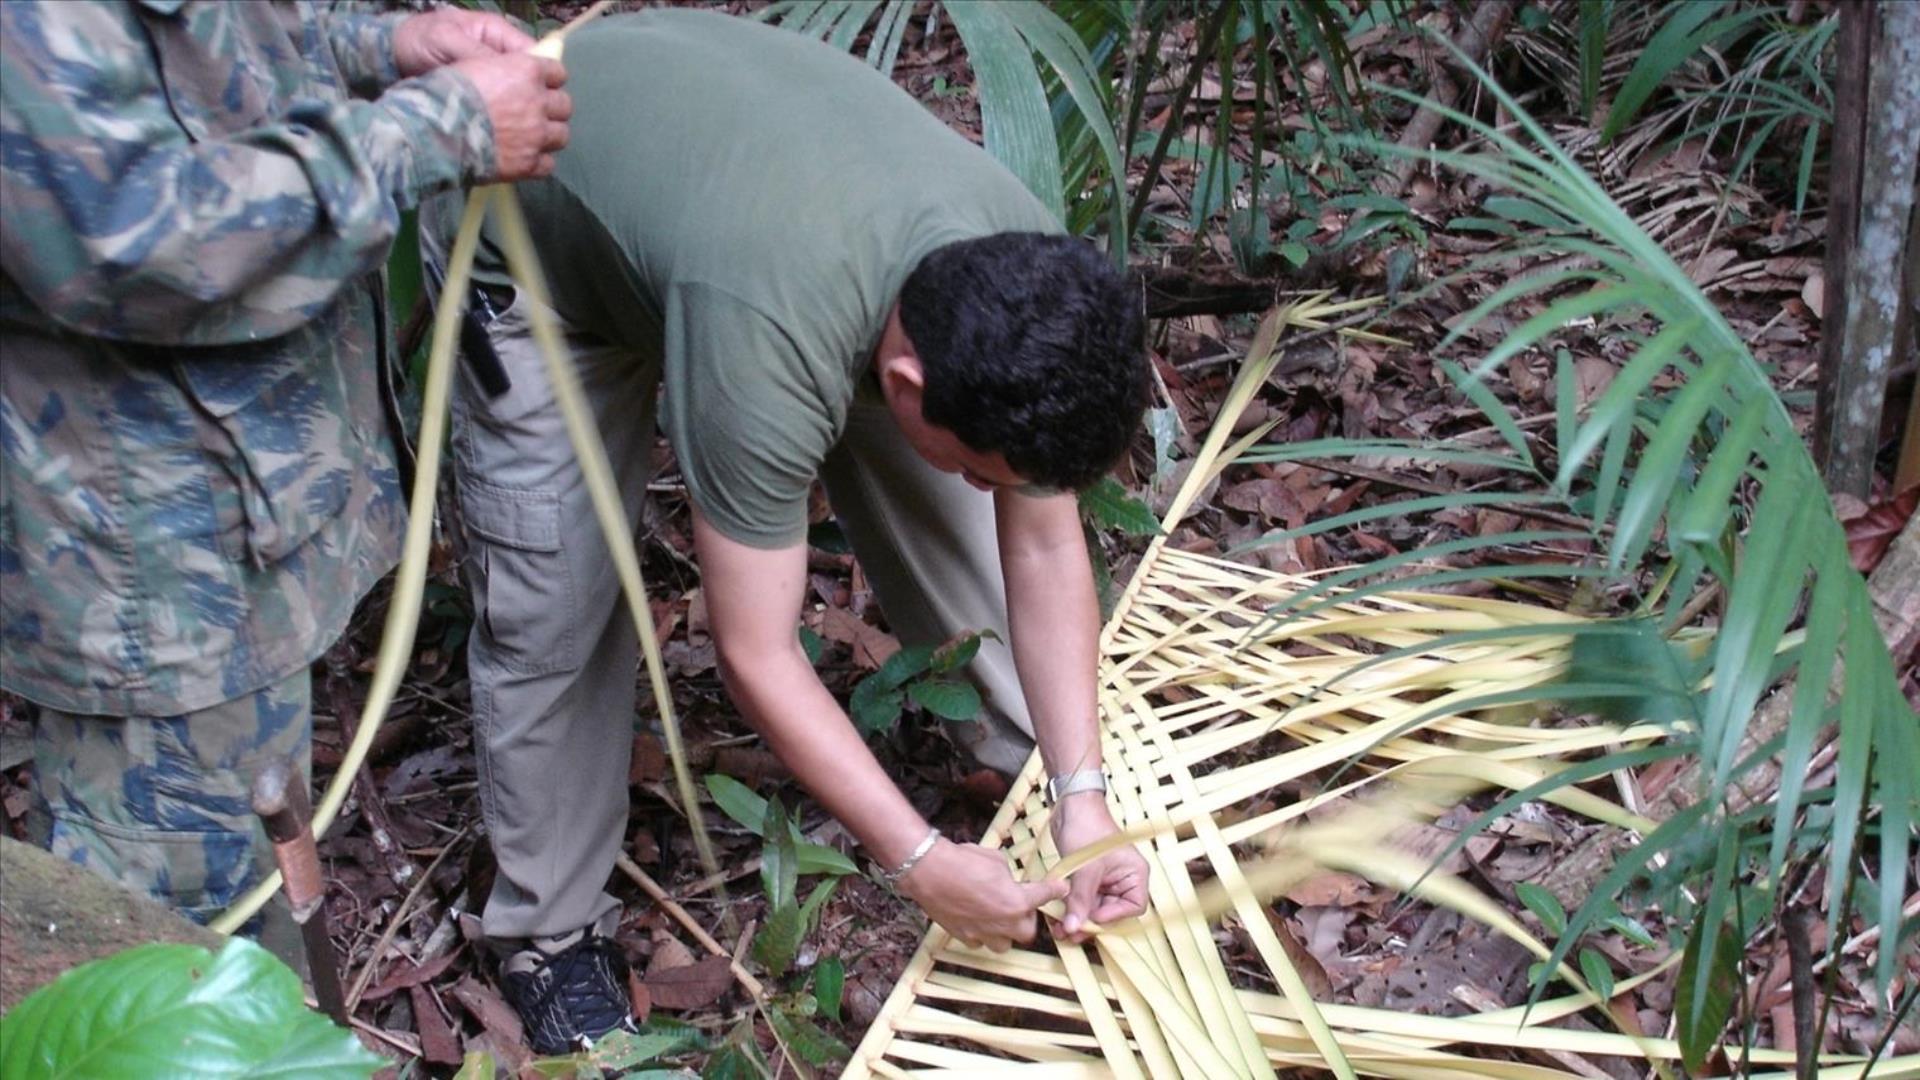 Brasilien Amazonas: 6 Tage Reisebaustein - Turtle Lodge Mamori Survival Paket: Hütten bauen im Dschungel